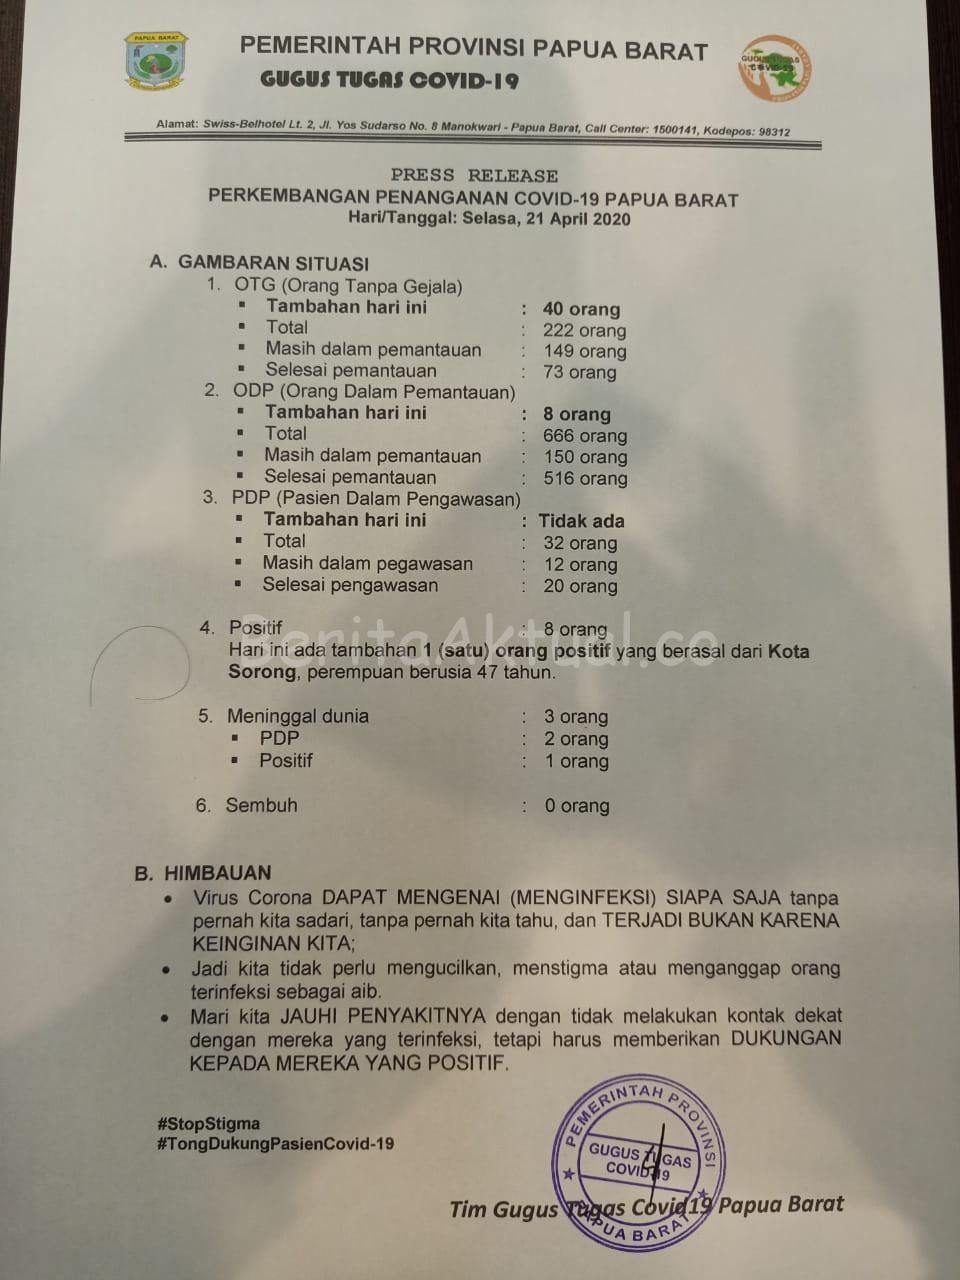 OTG di Papua Barat Per 21 April Bertambah 40 Orang 7 IMG 20200421 WA0071